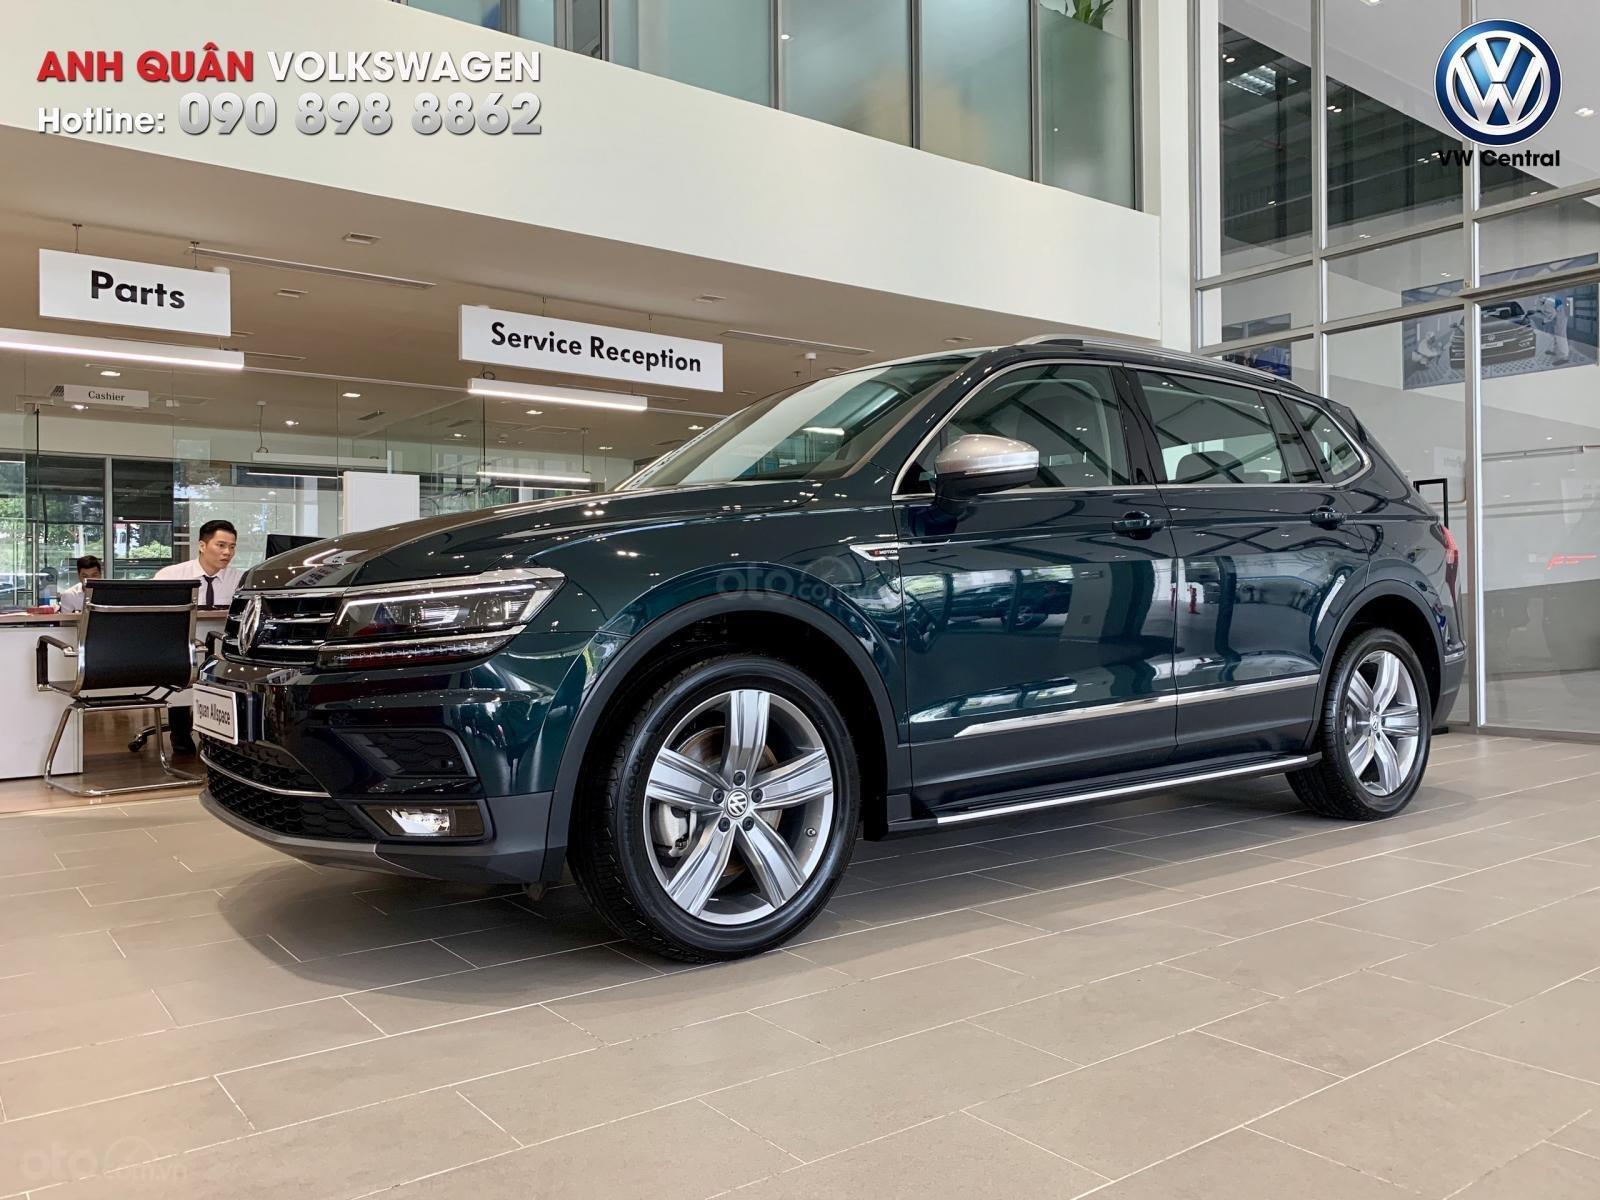 Tiguan Allspace 2019 - ưu đãi mua xe lên tới 160tr, trả góp 80%, hotline: 090-898-8862 (13)